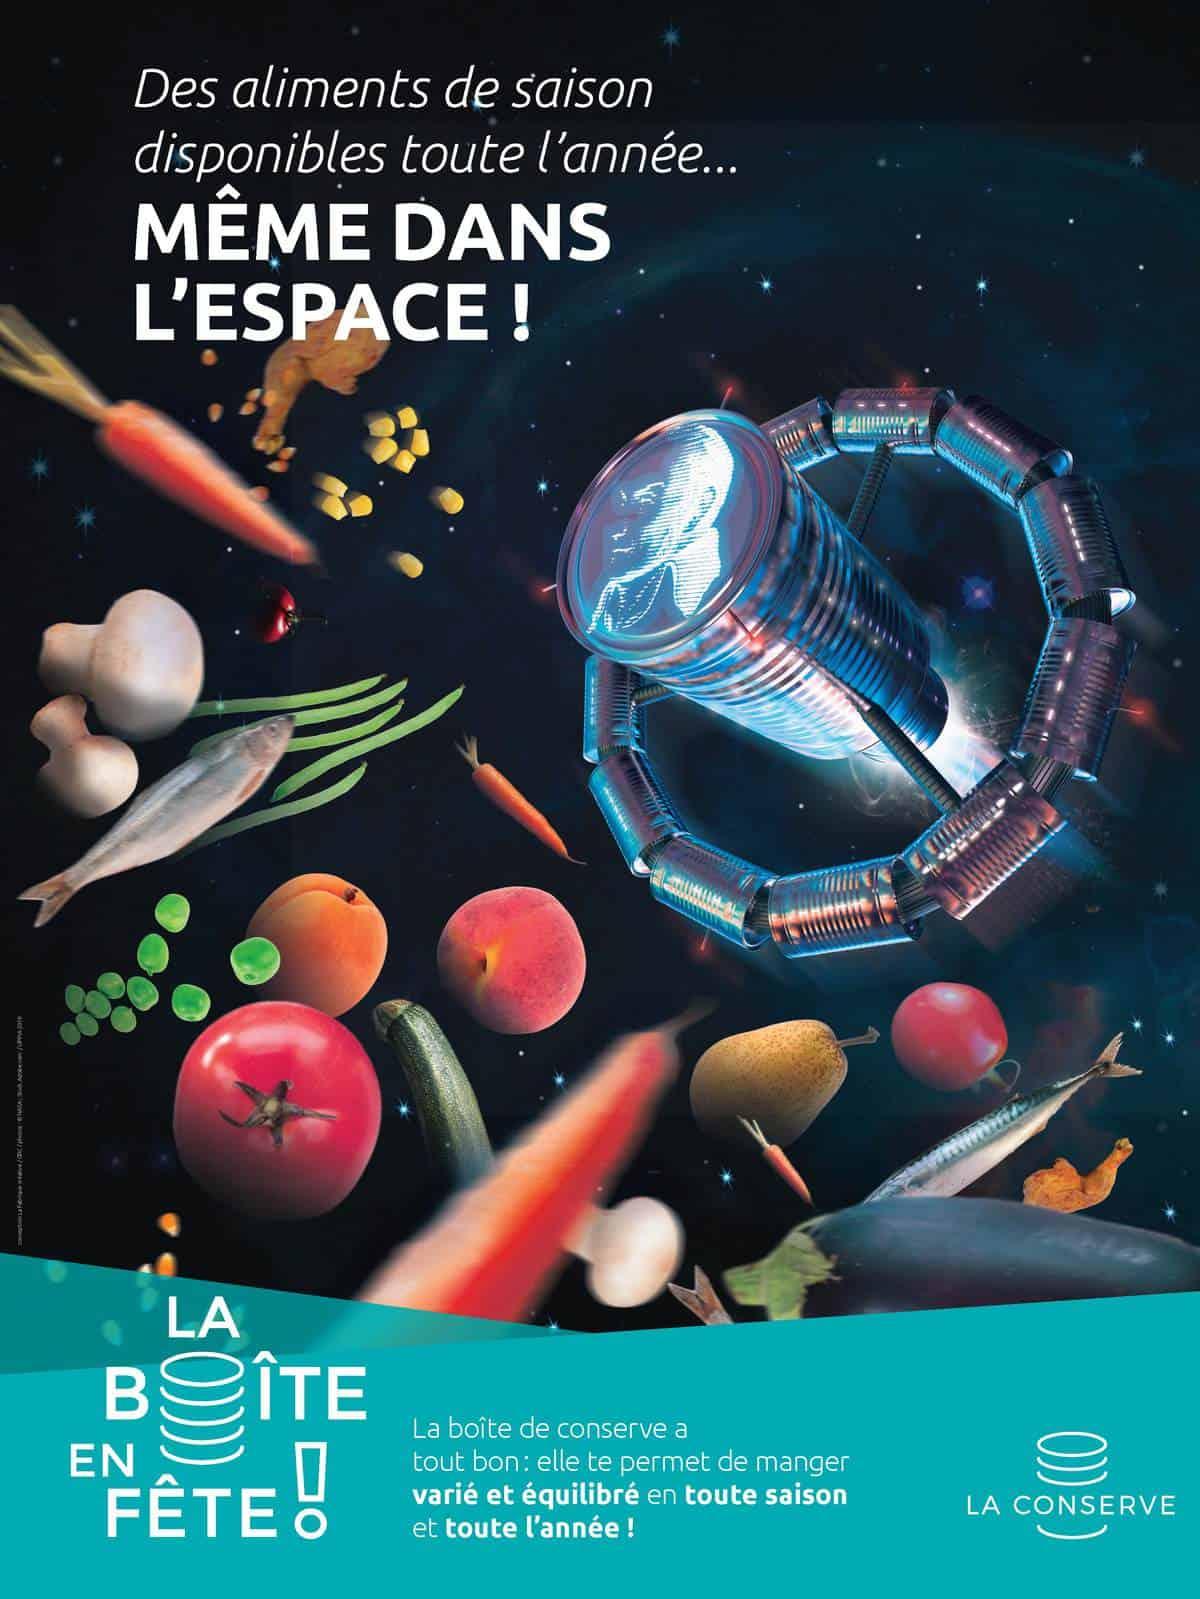 Pour sa 11e édition, La Boîte en Fête s'envole dans l'espace